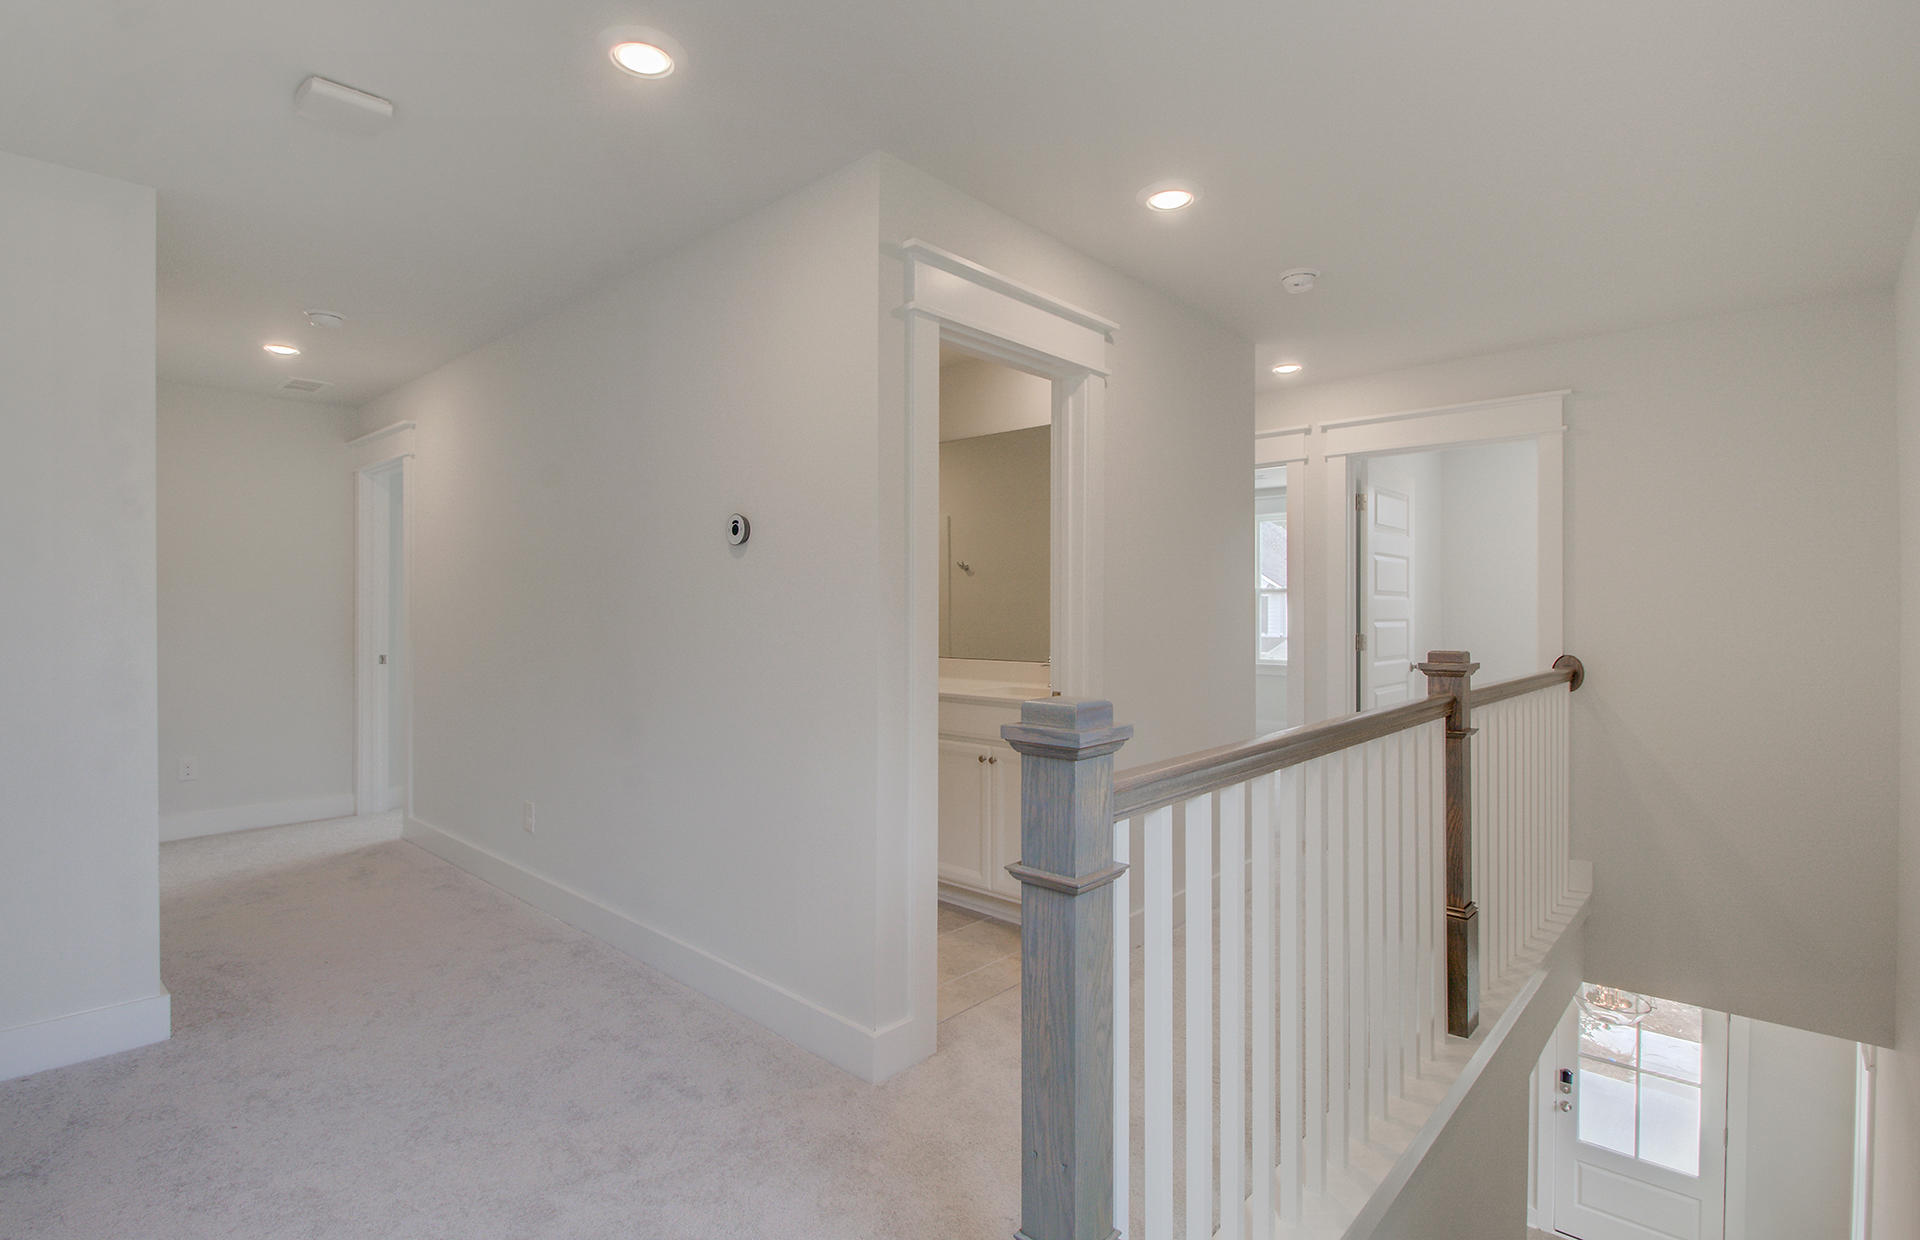 Park West Homes For Sale - 3013 Caspian, Mount Pleasant, SC - 12